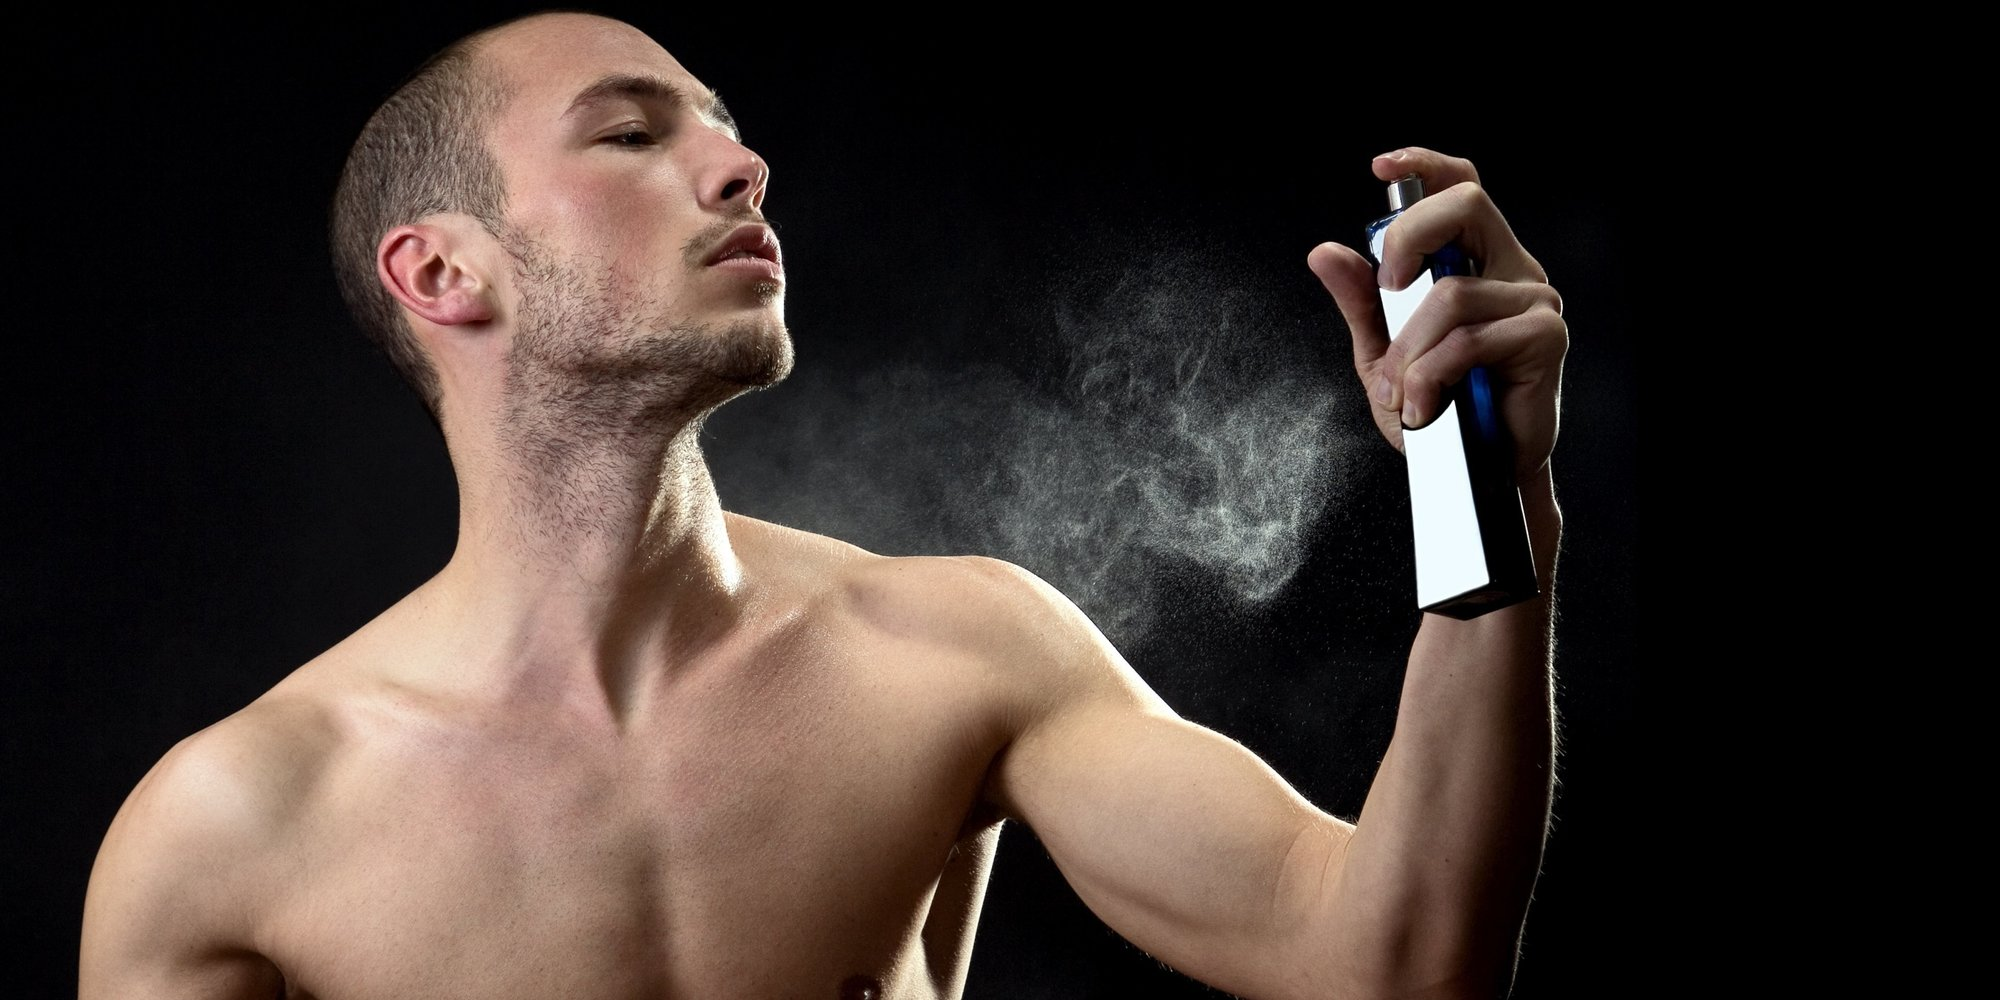 Самый большой выбор мужских мастурбаторов 19 фотография